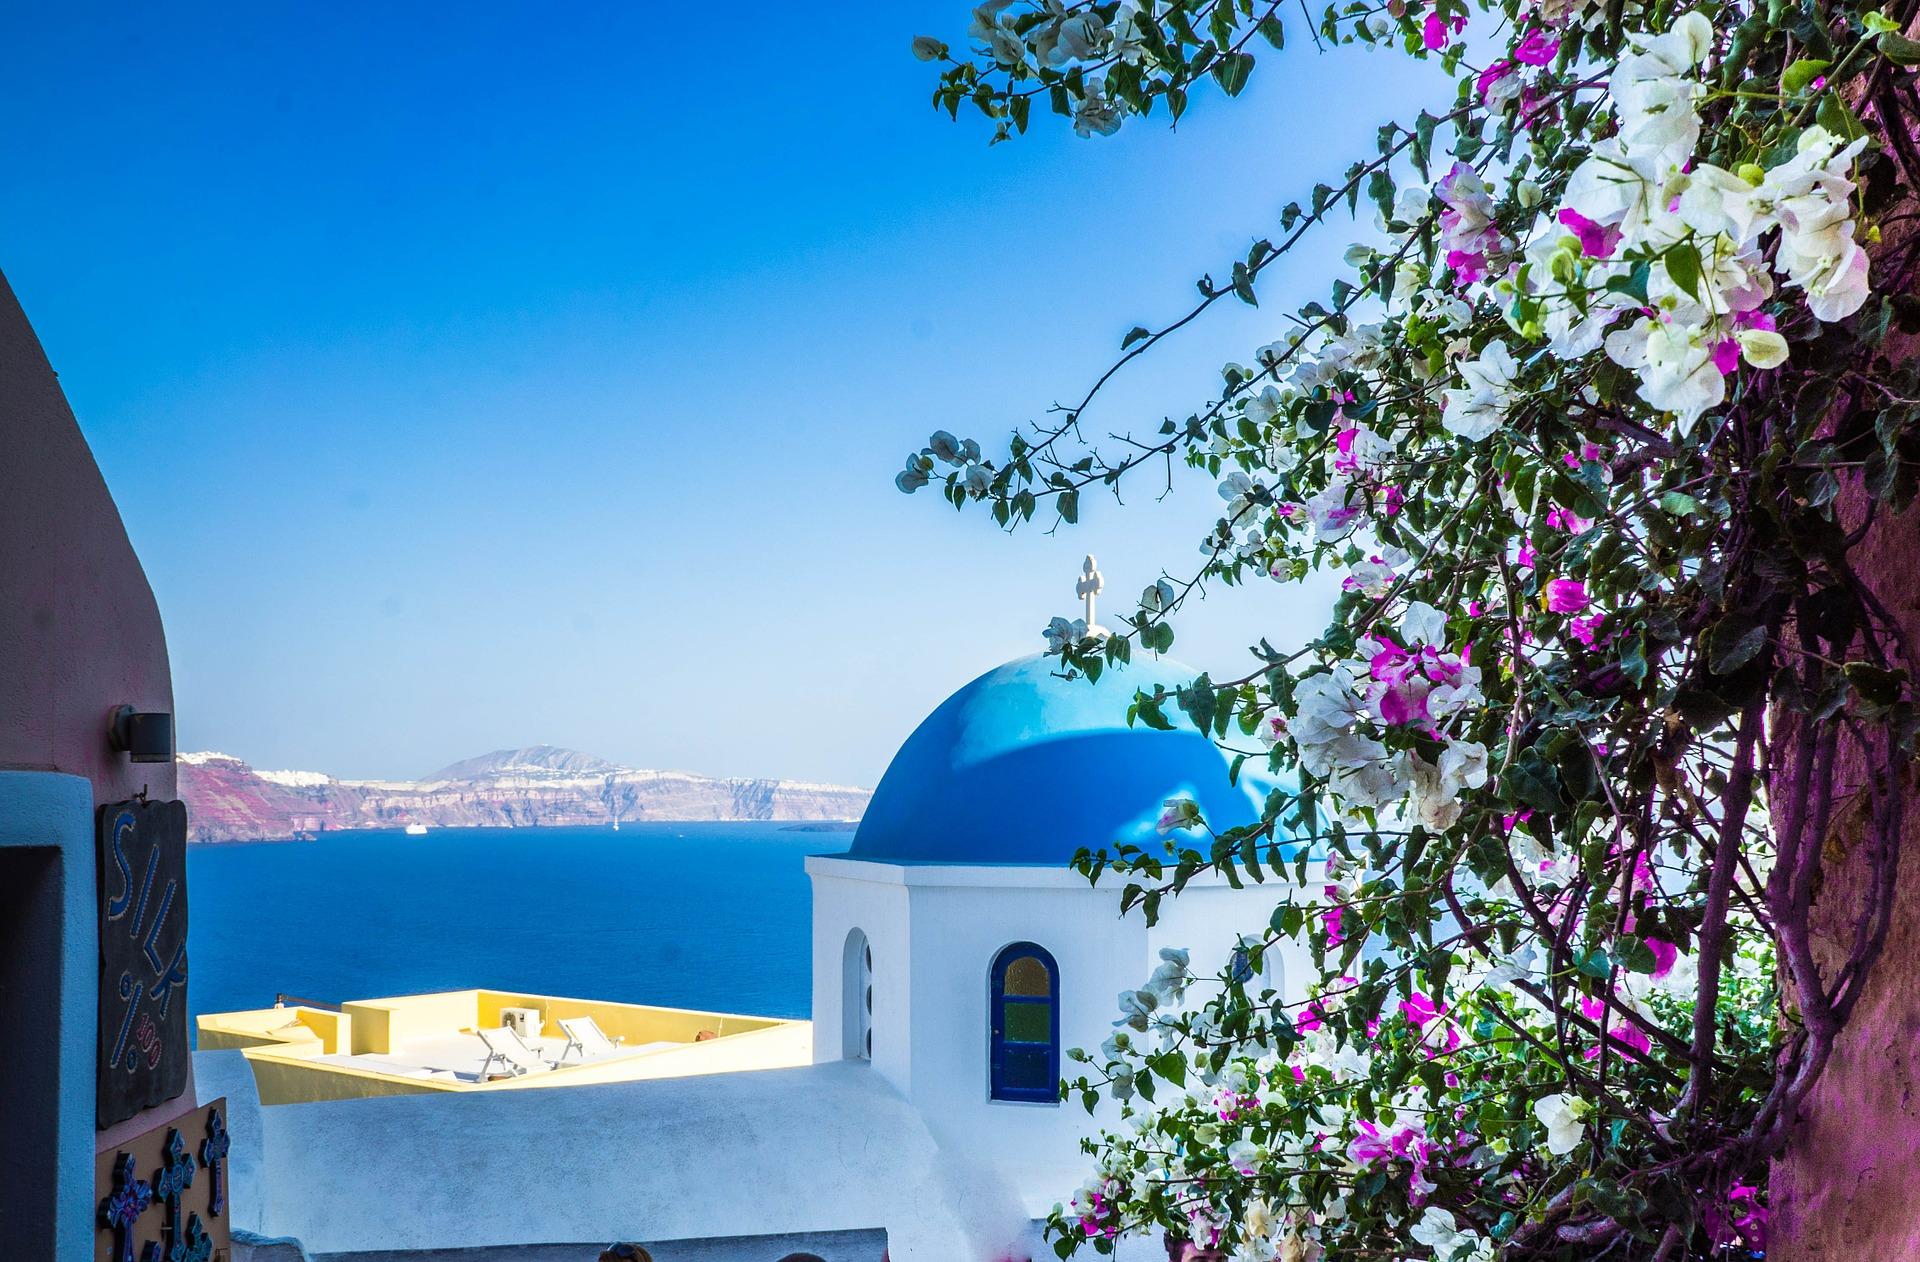 الاتحاد للطيران تطلق وجهات صيفية لجزر اليونان ومدن بجنوب إسبانيا